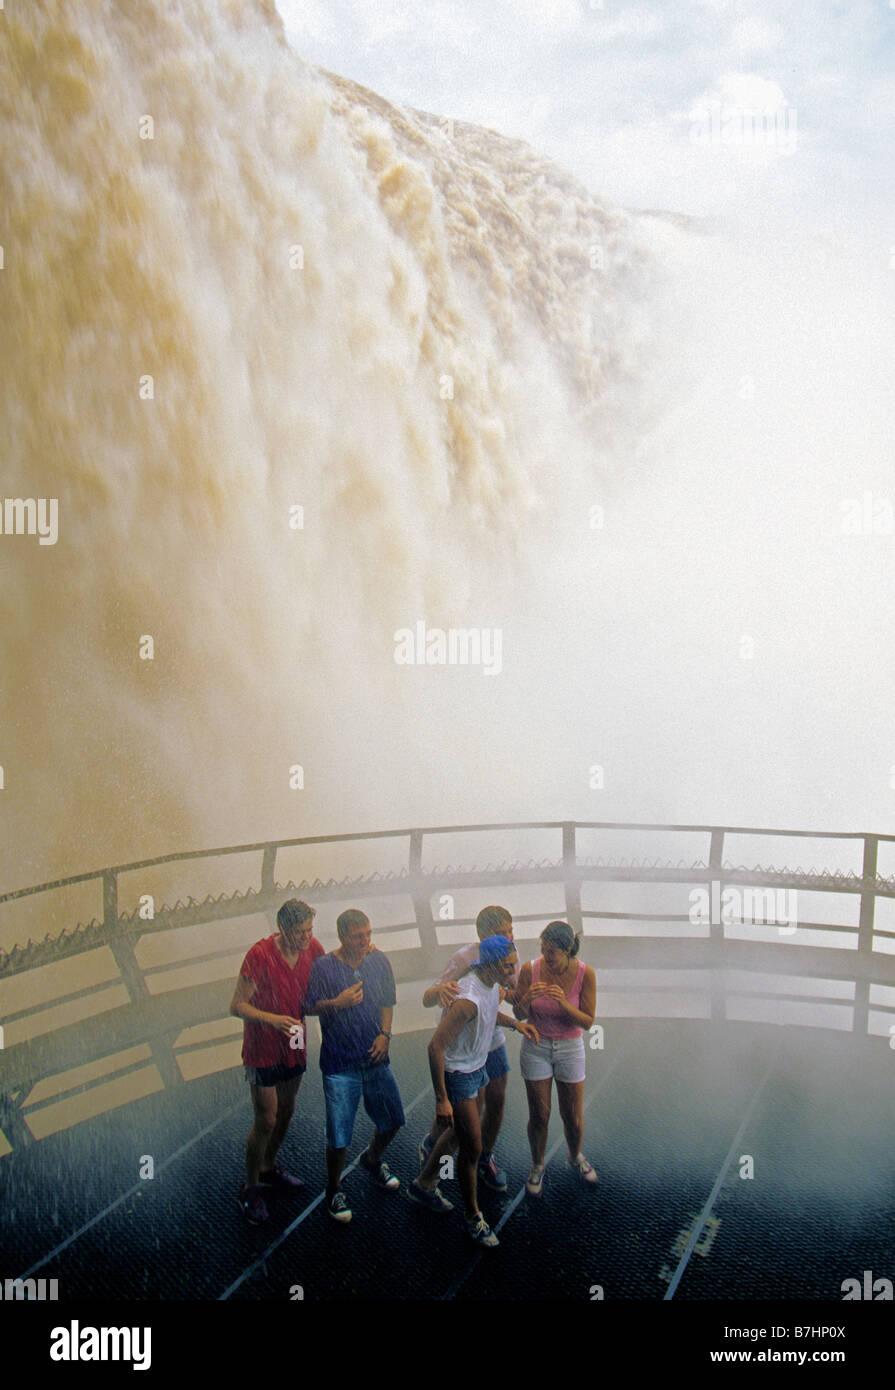 Lado brasileño de las Cataratas de Iguazú con turistas en spray sobre una plataforma de observación Imagen De Stock